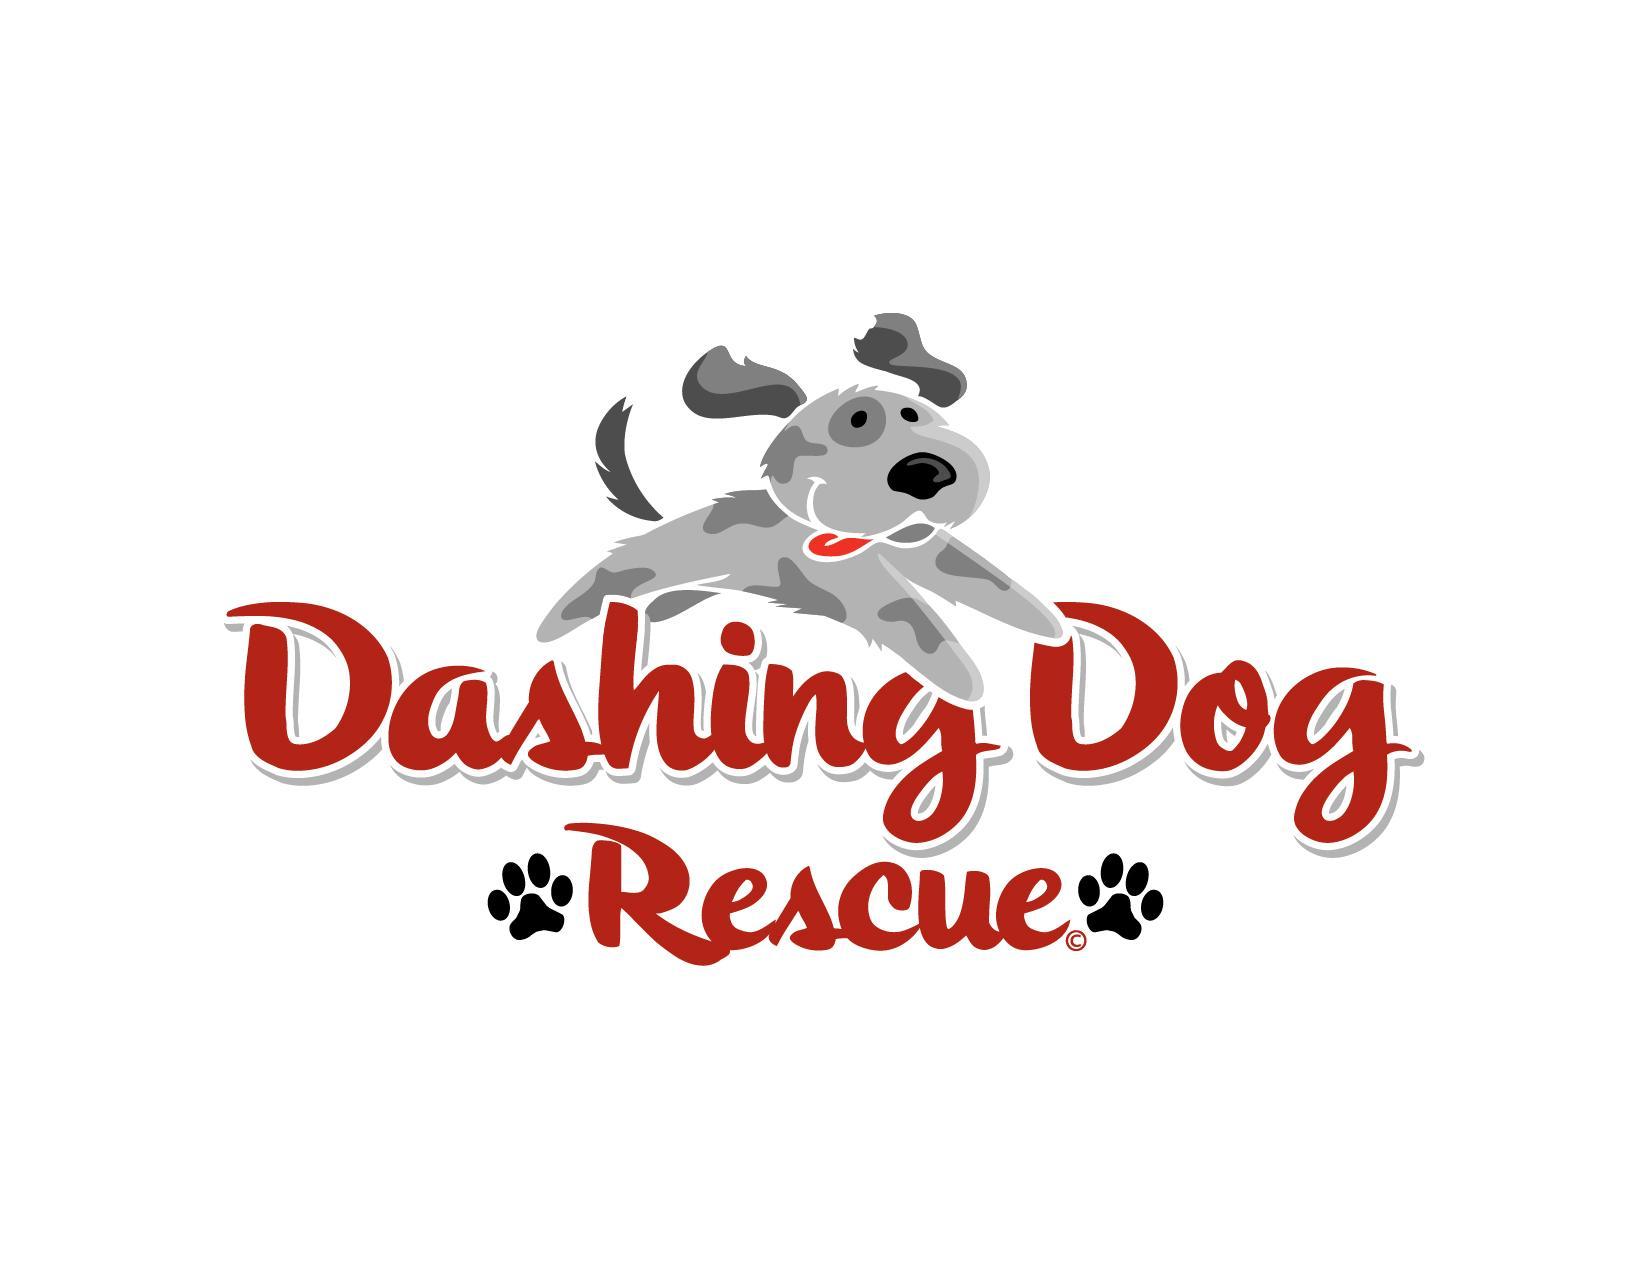 Dashing Dog Rescue